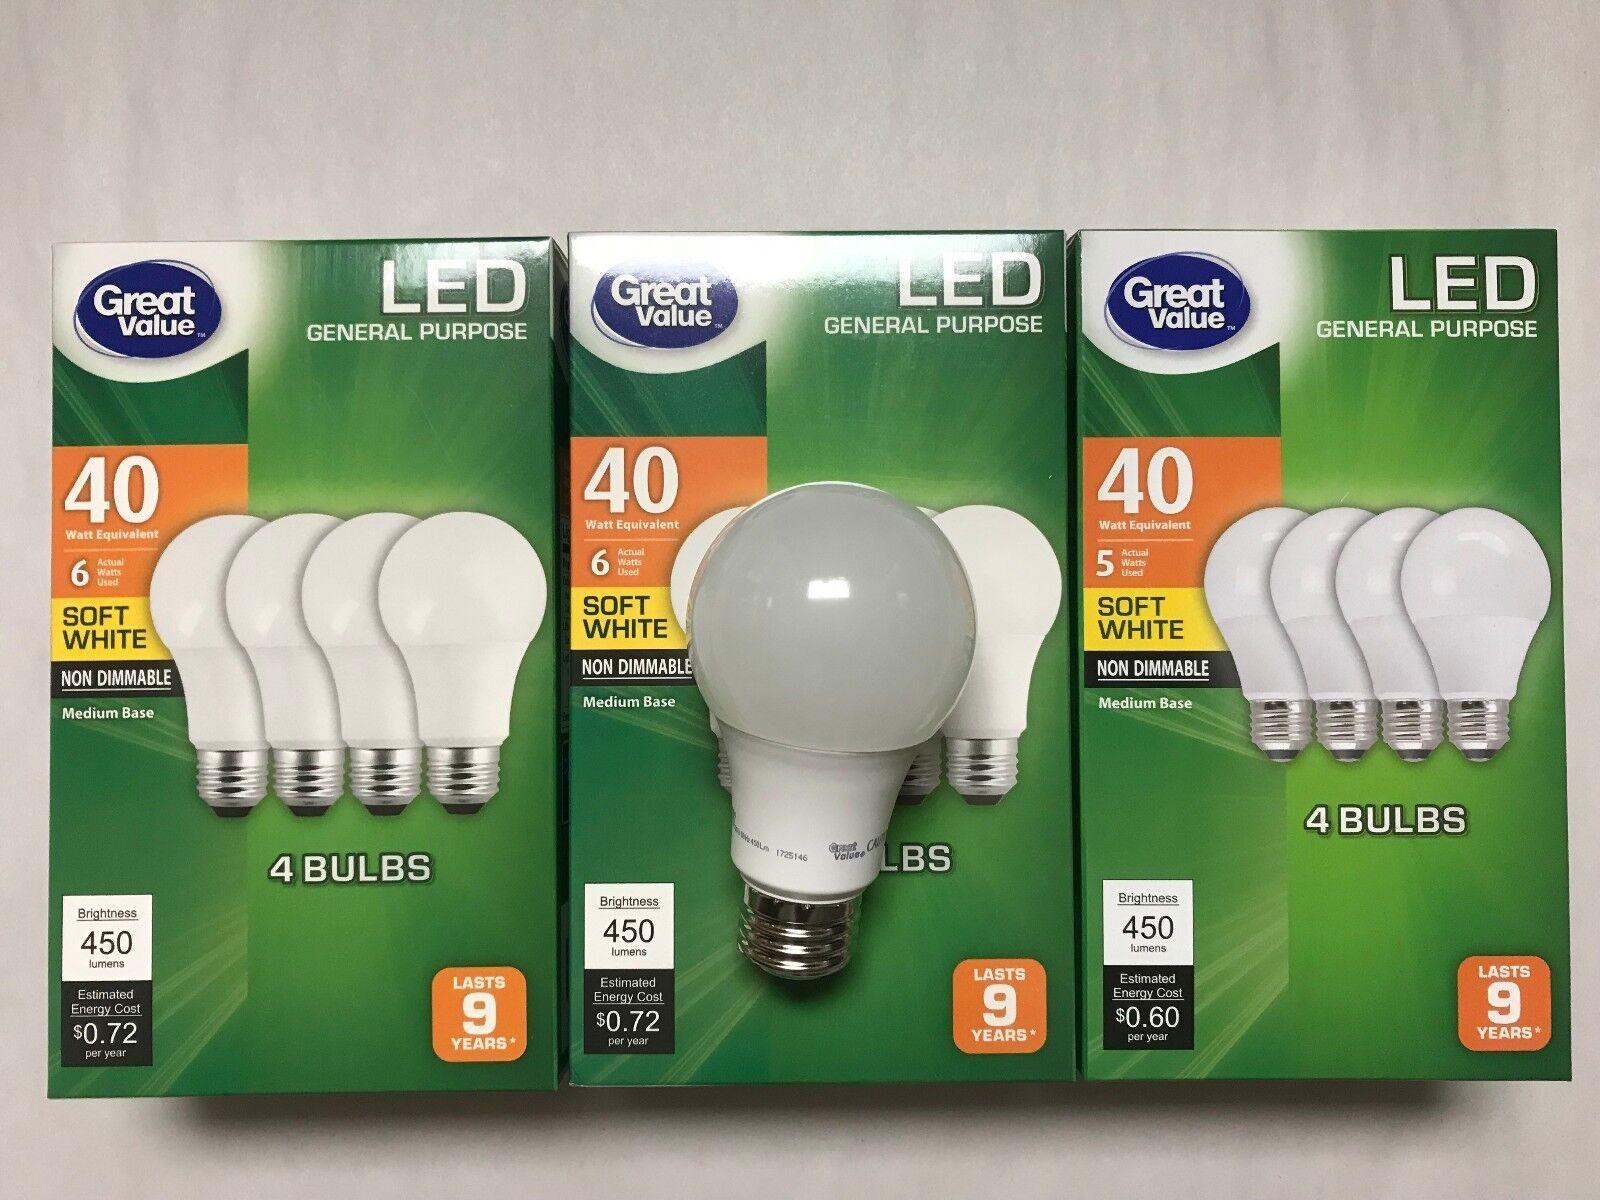 12 Pack LED 40W = 6W Soft White 40 Watt Equivalent A19 2700K